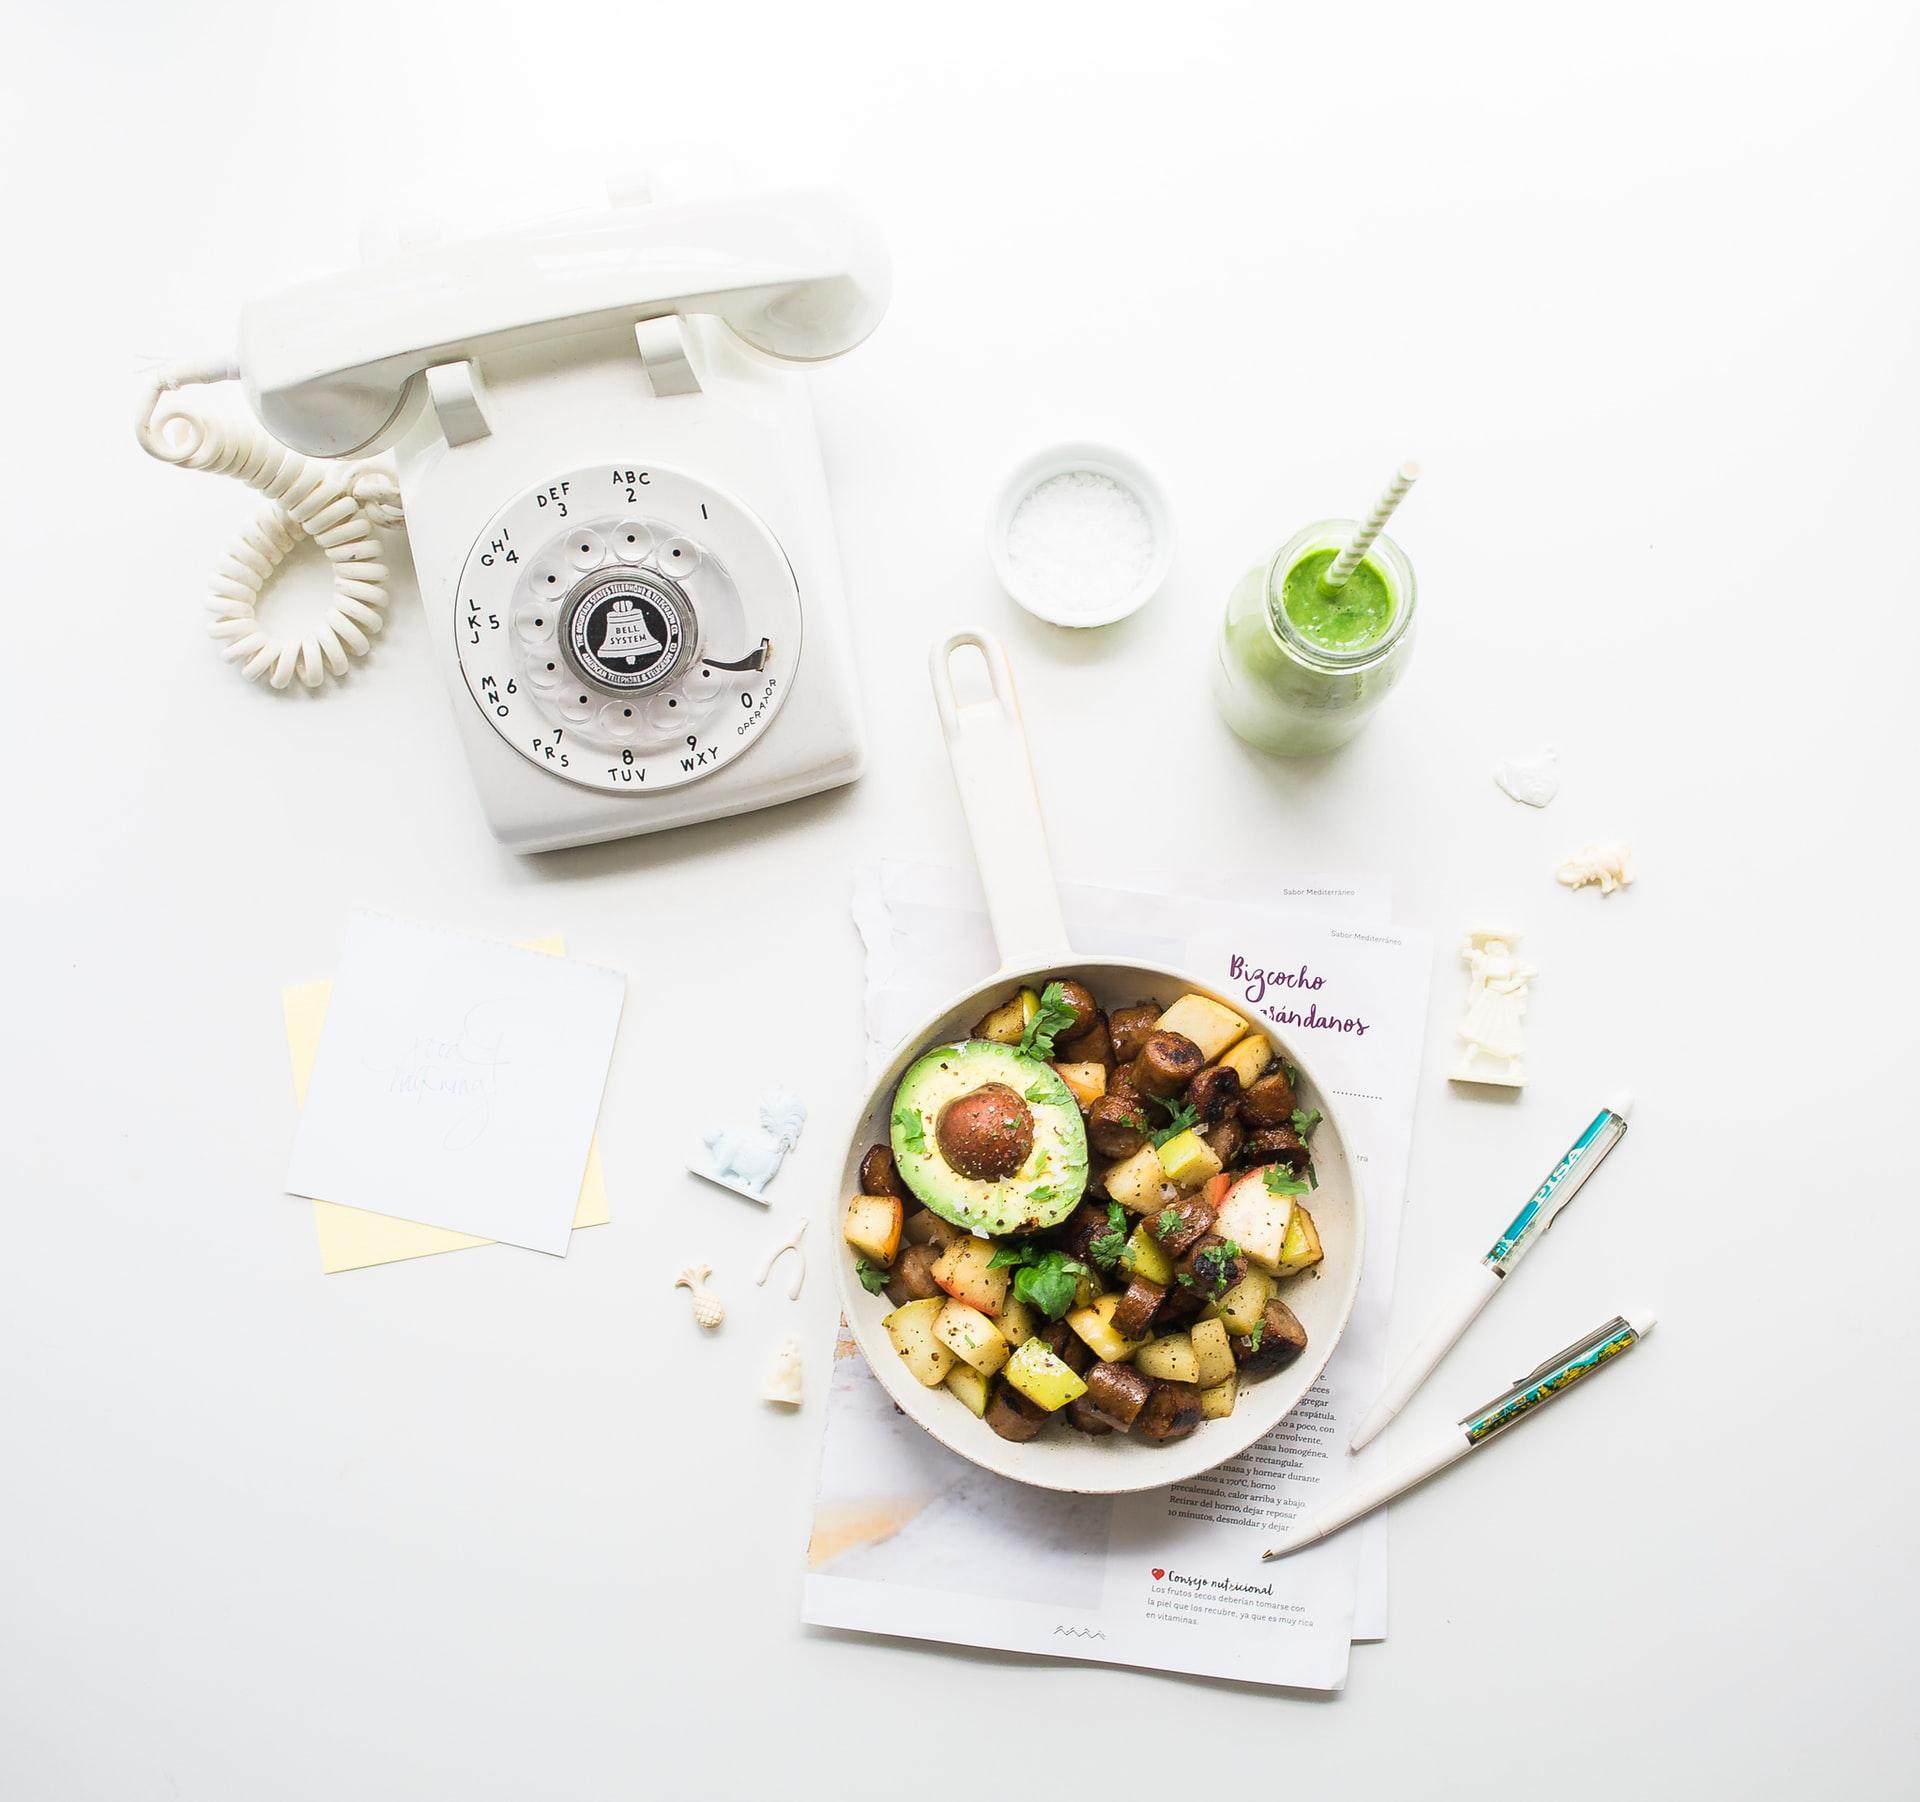 Lựa chọn món ăn vặt giảm cân tốt cho sức khỏe - Đẹp 365